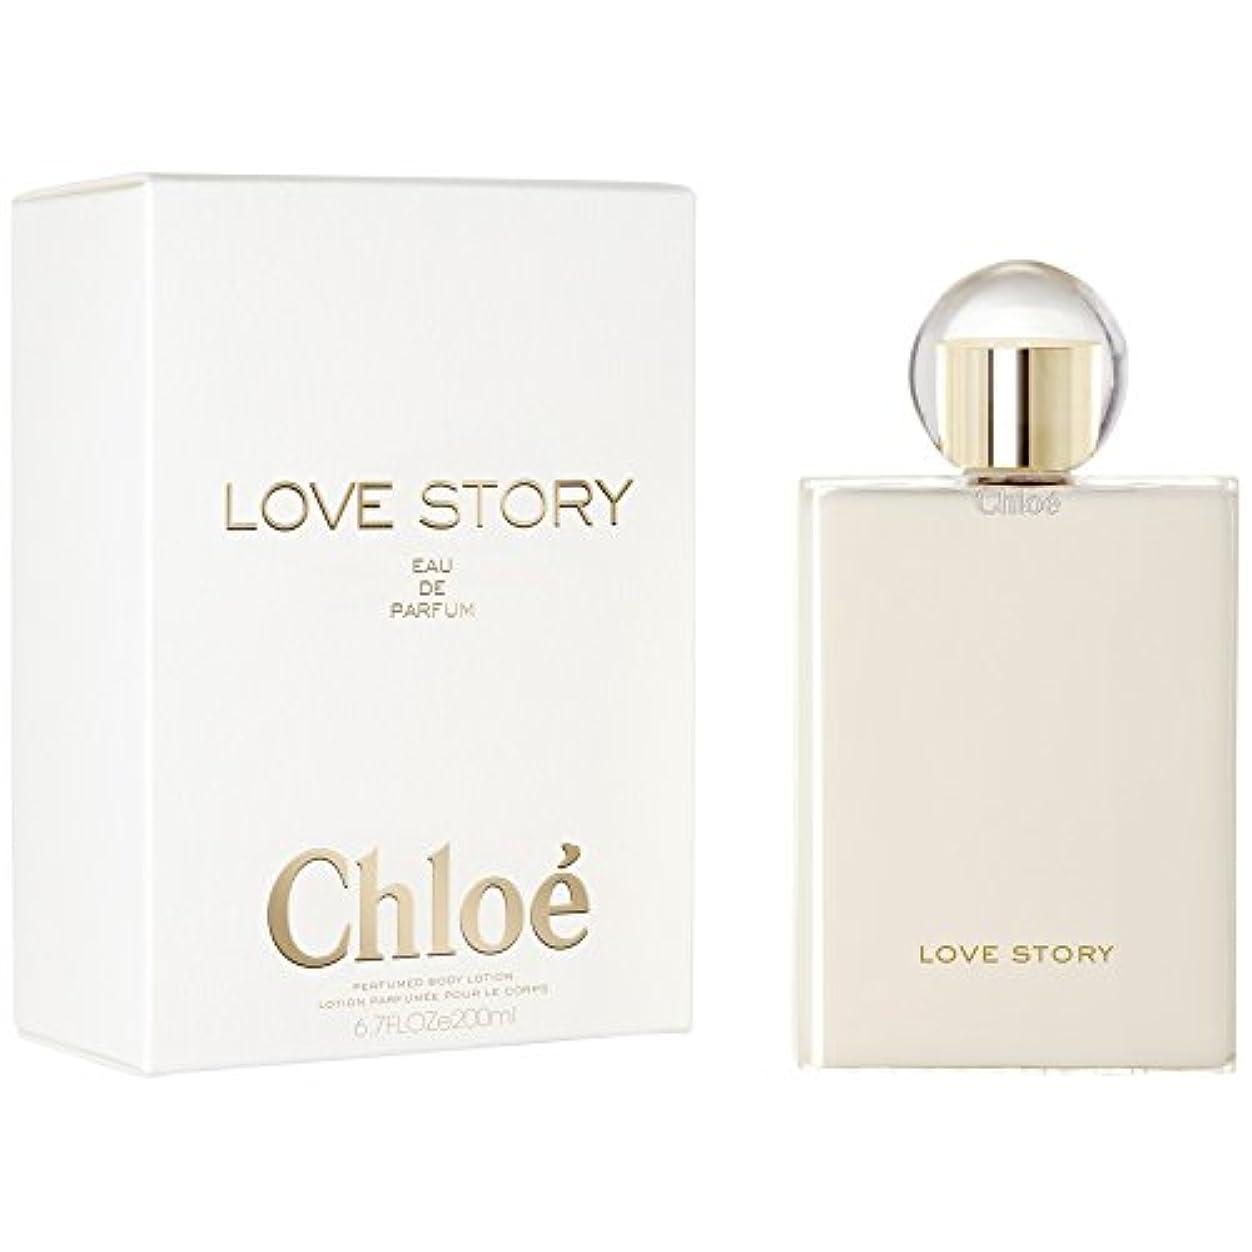 扇動中止します郊外クロエの愛の物語ボディローション200ミリリットル (Chlo?) - Chlo? Love Story Body Lotion 200ml [並行輸入品]